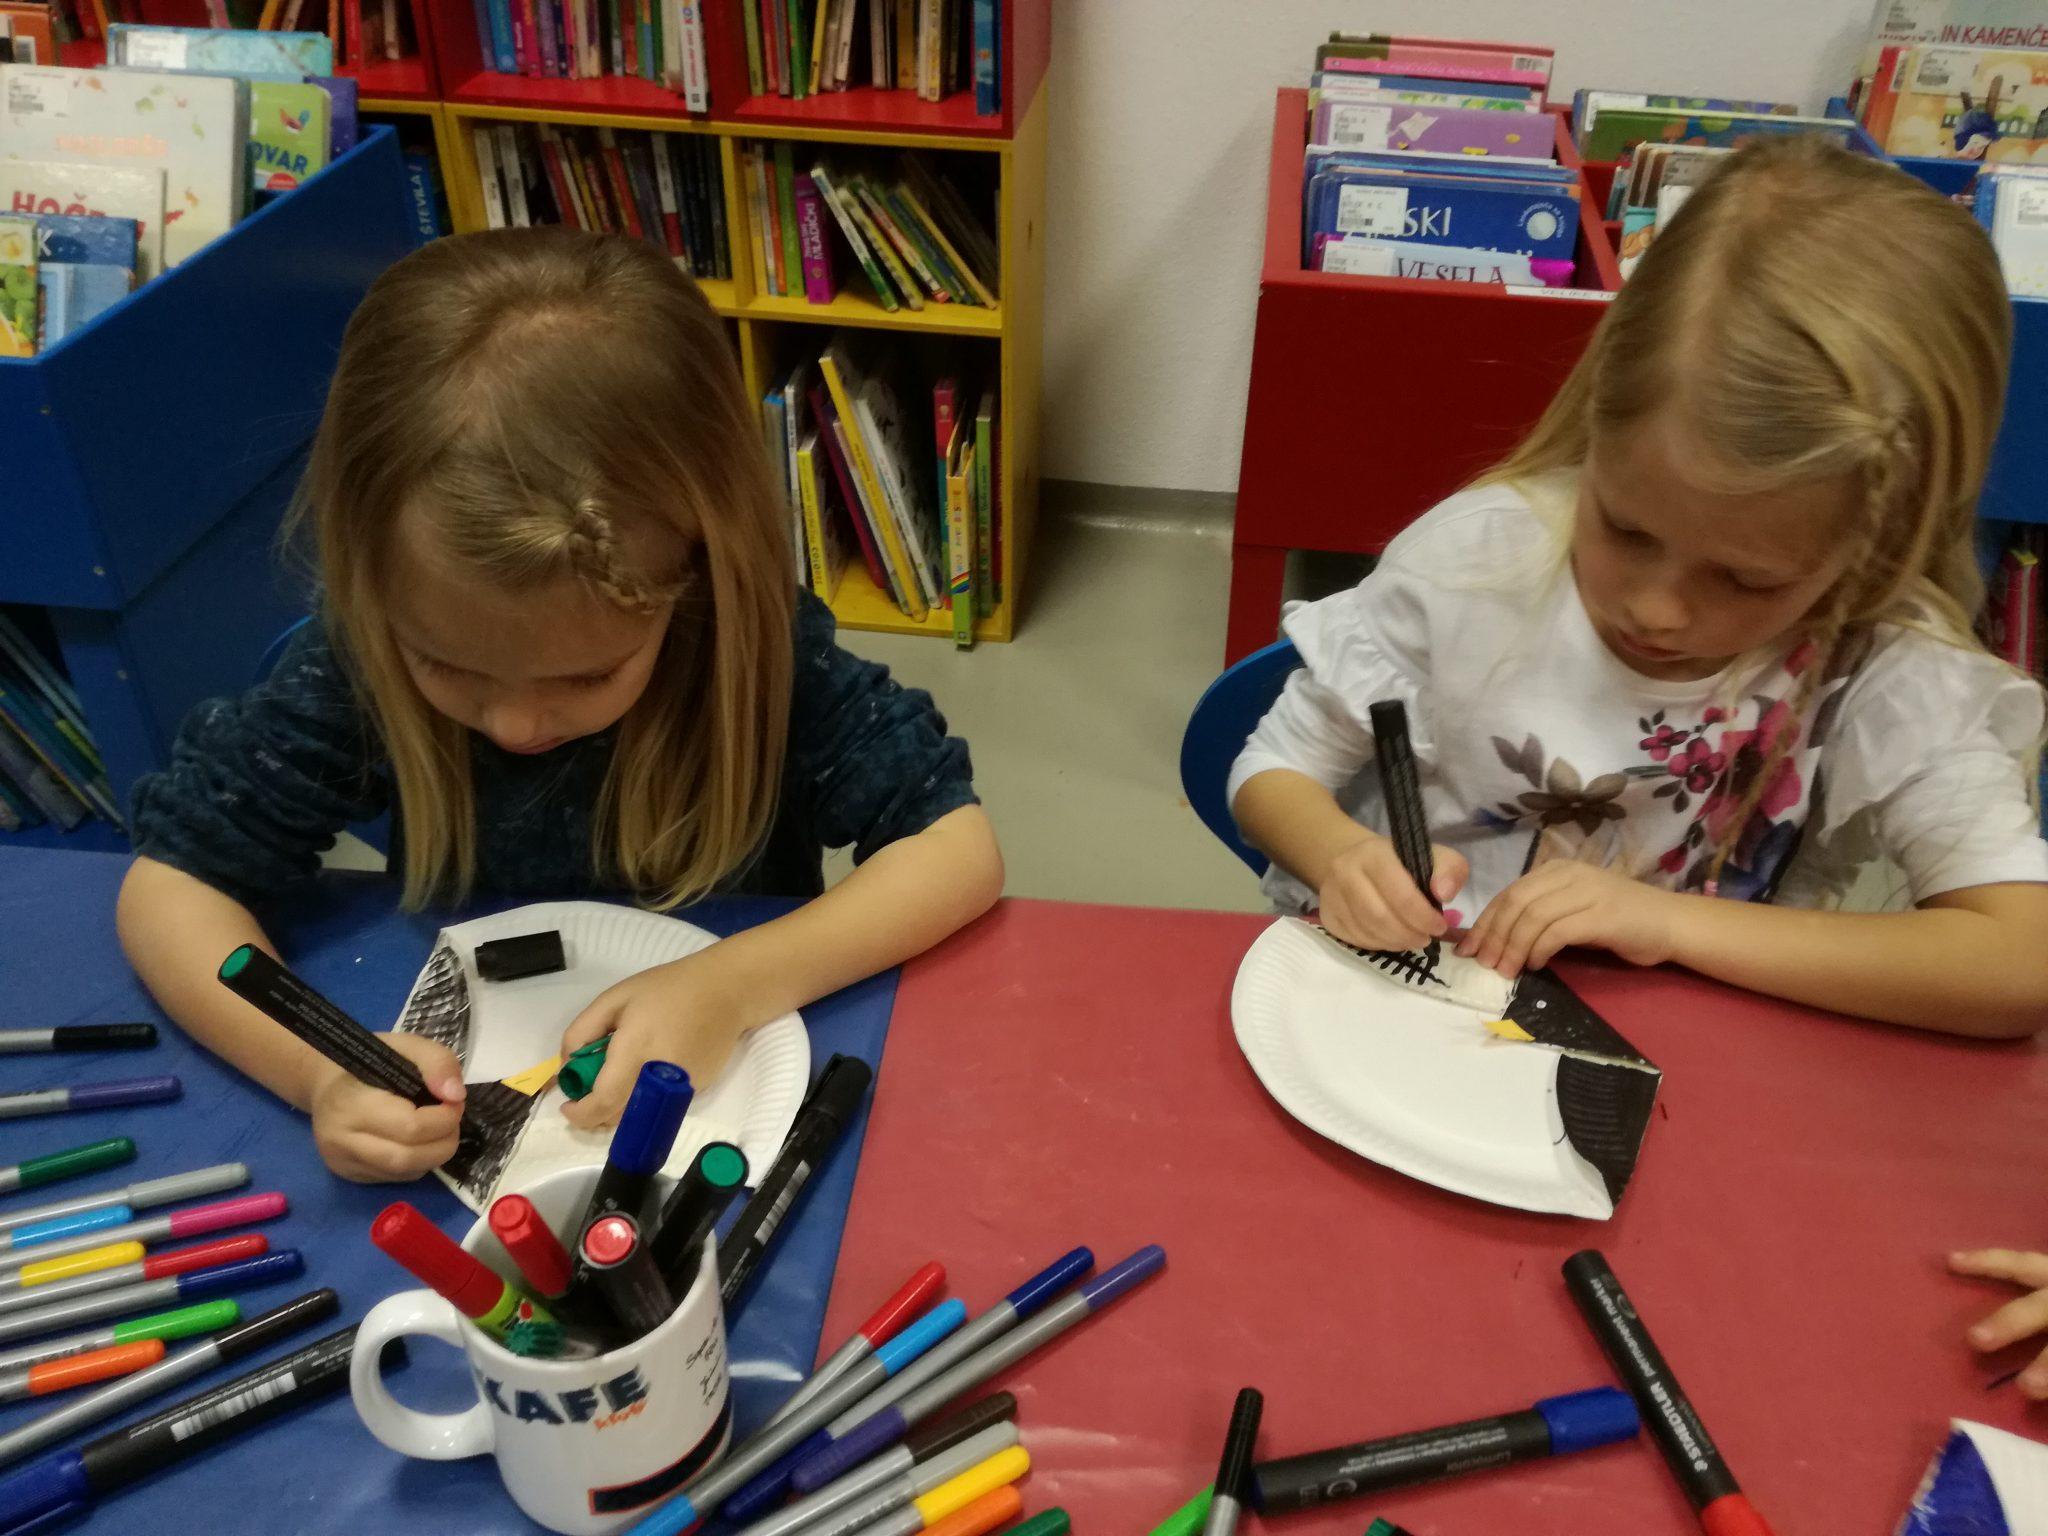 IMG 20190221 174753 - Pravljična urica z ustvarjalno delavnico za otroke od 4. leta dalje